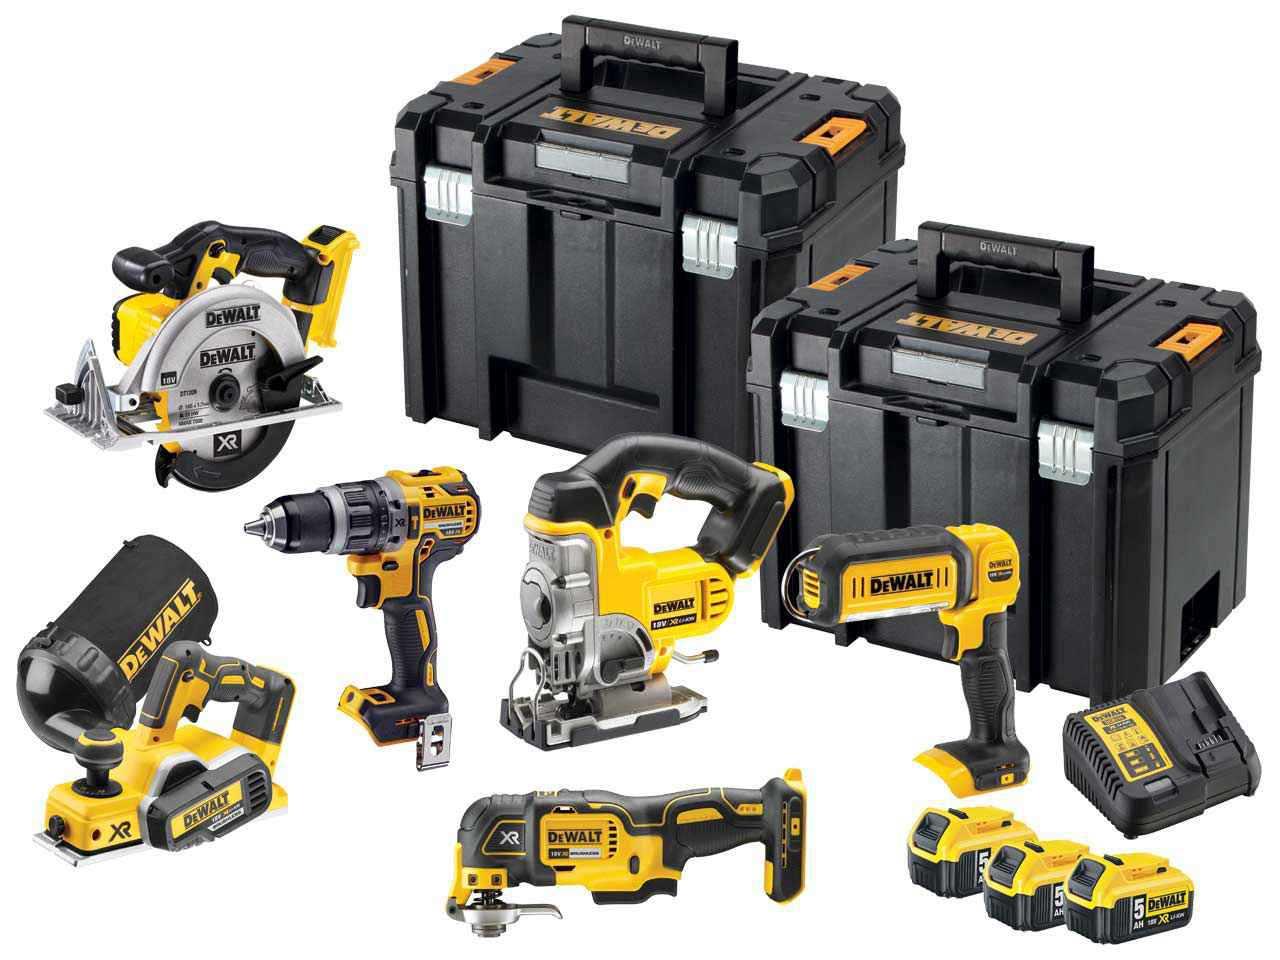 DeWalt 18V Li-ion 6 Piece Kit - DCK665P3T-GB + 3x5.0Ah Batteries £785 @ FFX